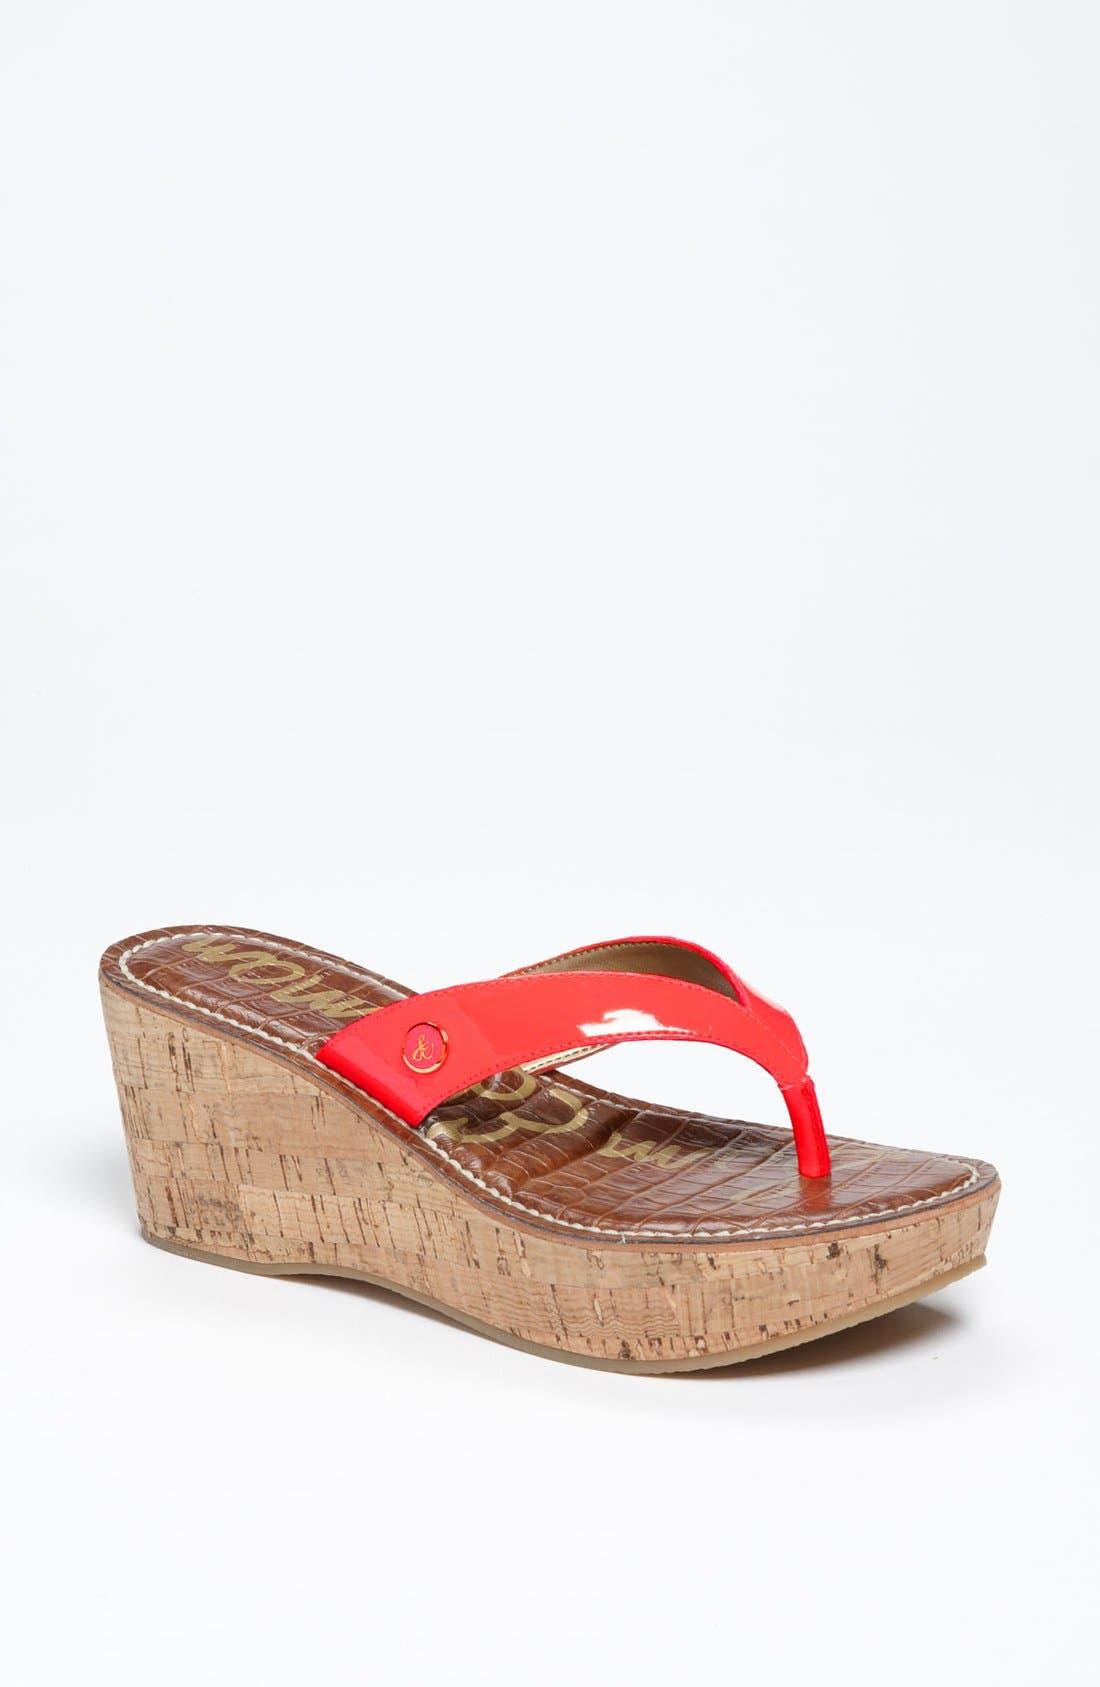 Alternate Image 1 Selected - Sam Edelman 'Romy' Wedge Sandal (Women)